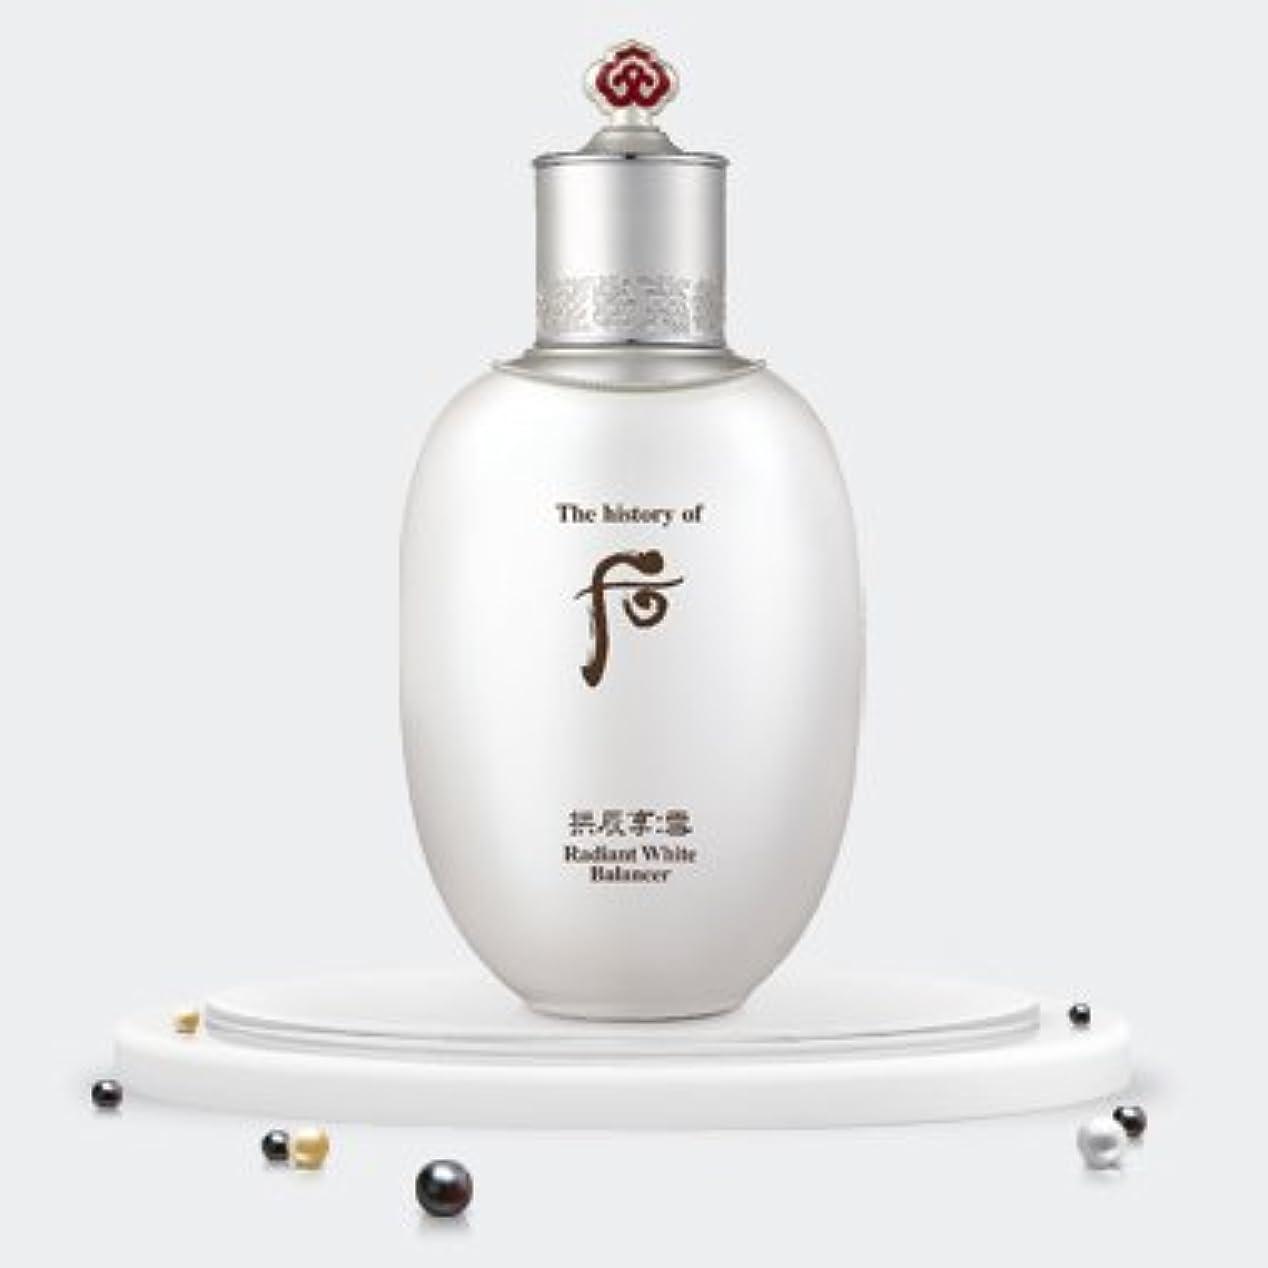 換気スタッフ目的The history of Whoo Gongjinhyang Seol Radiant White Balancer 150ml/ザ ヒストリー オブ フー (后) 拱辰享 雪 ラディアント ホワイト バランサー 150ml